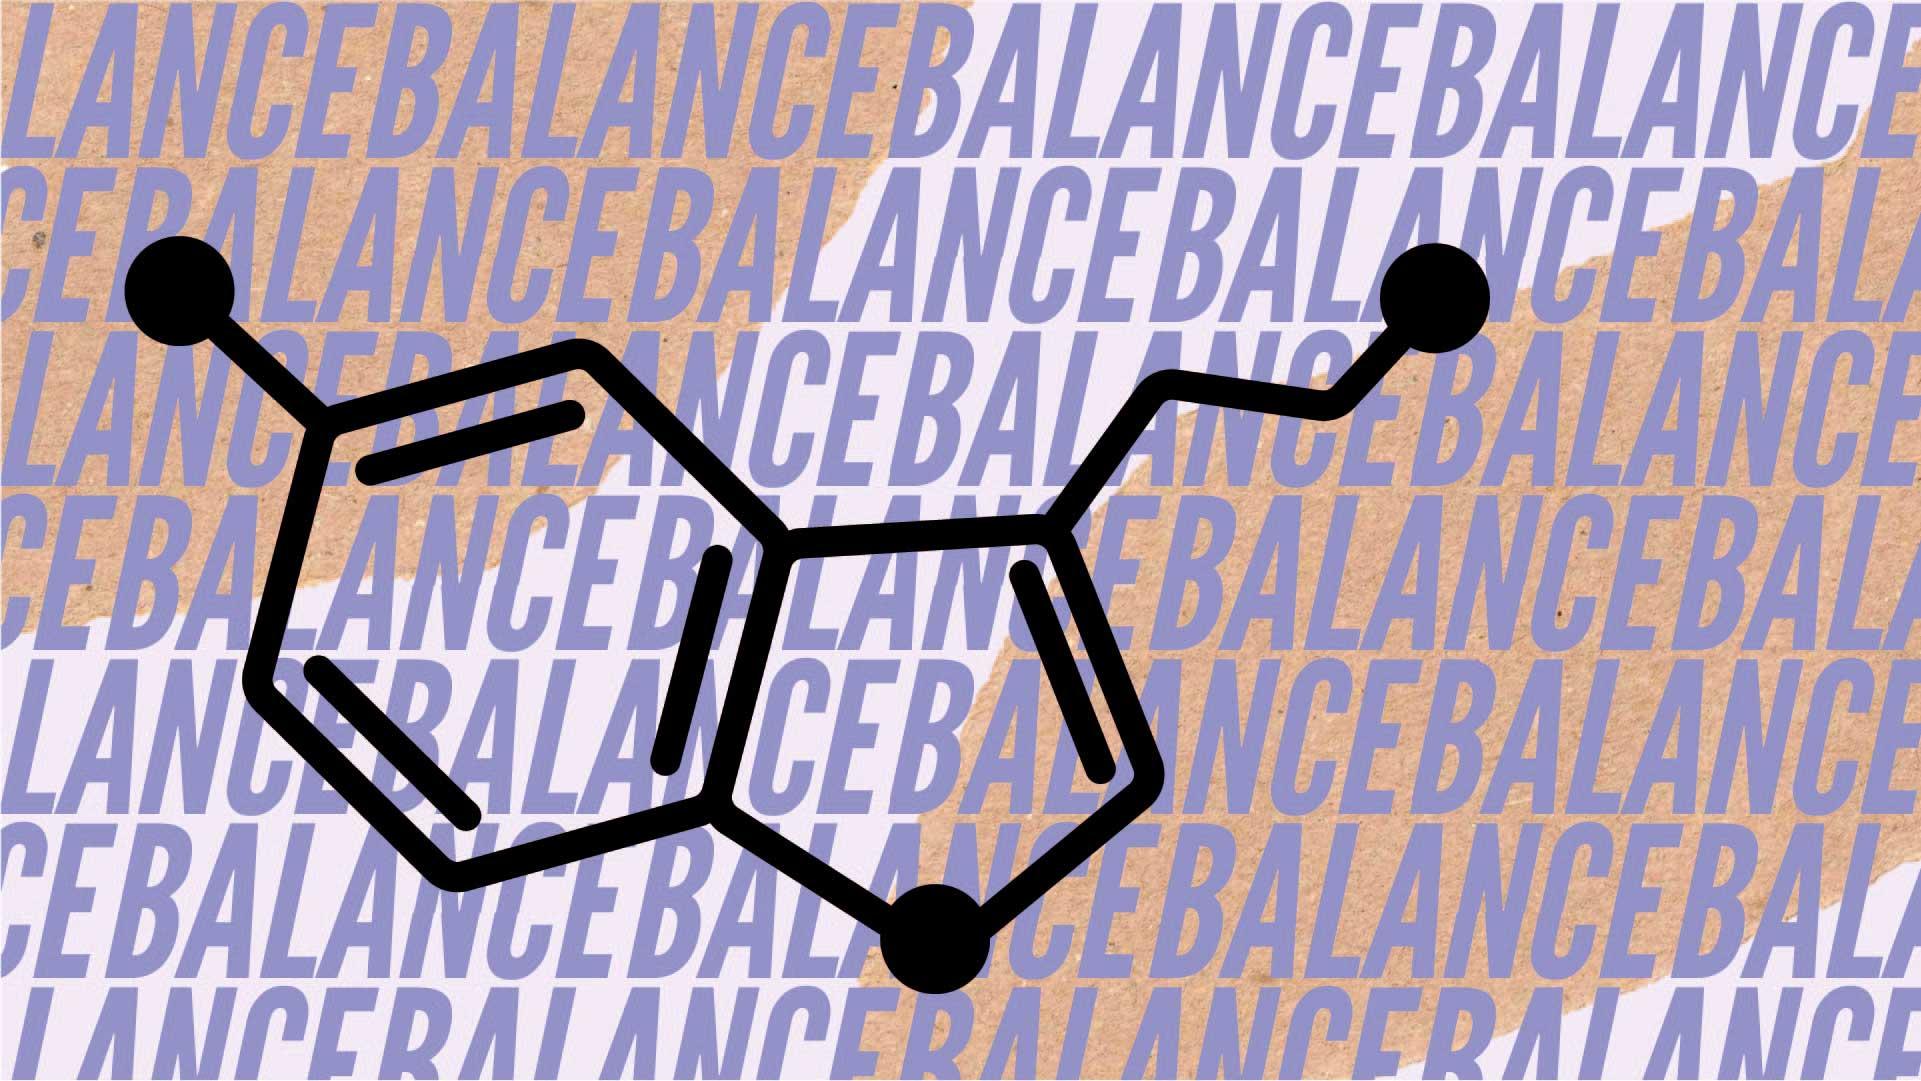 Hormone in Balance: TIPPS für EINE GANZHEITLICHE, NATÜRLICHE HORMONTHERAPIE